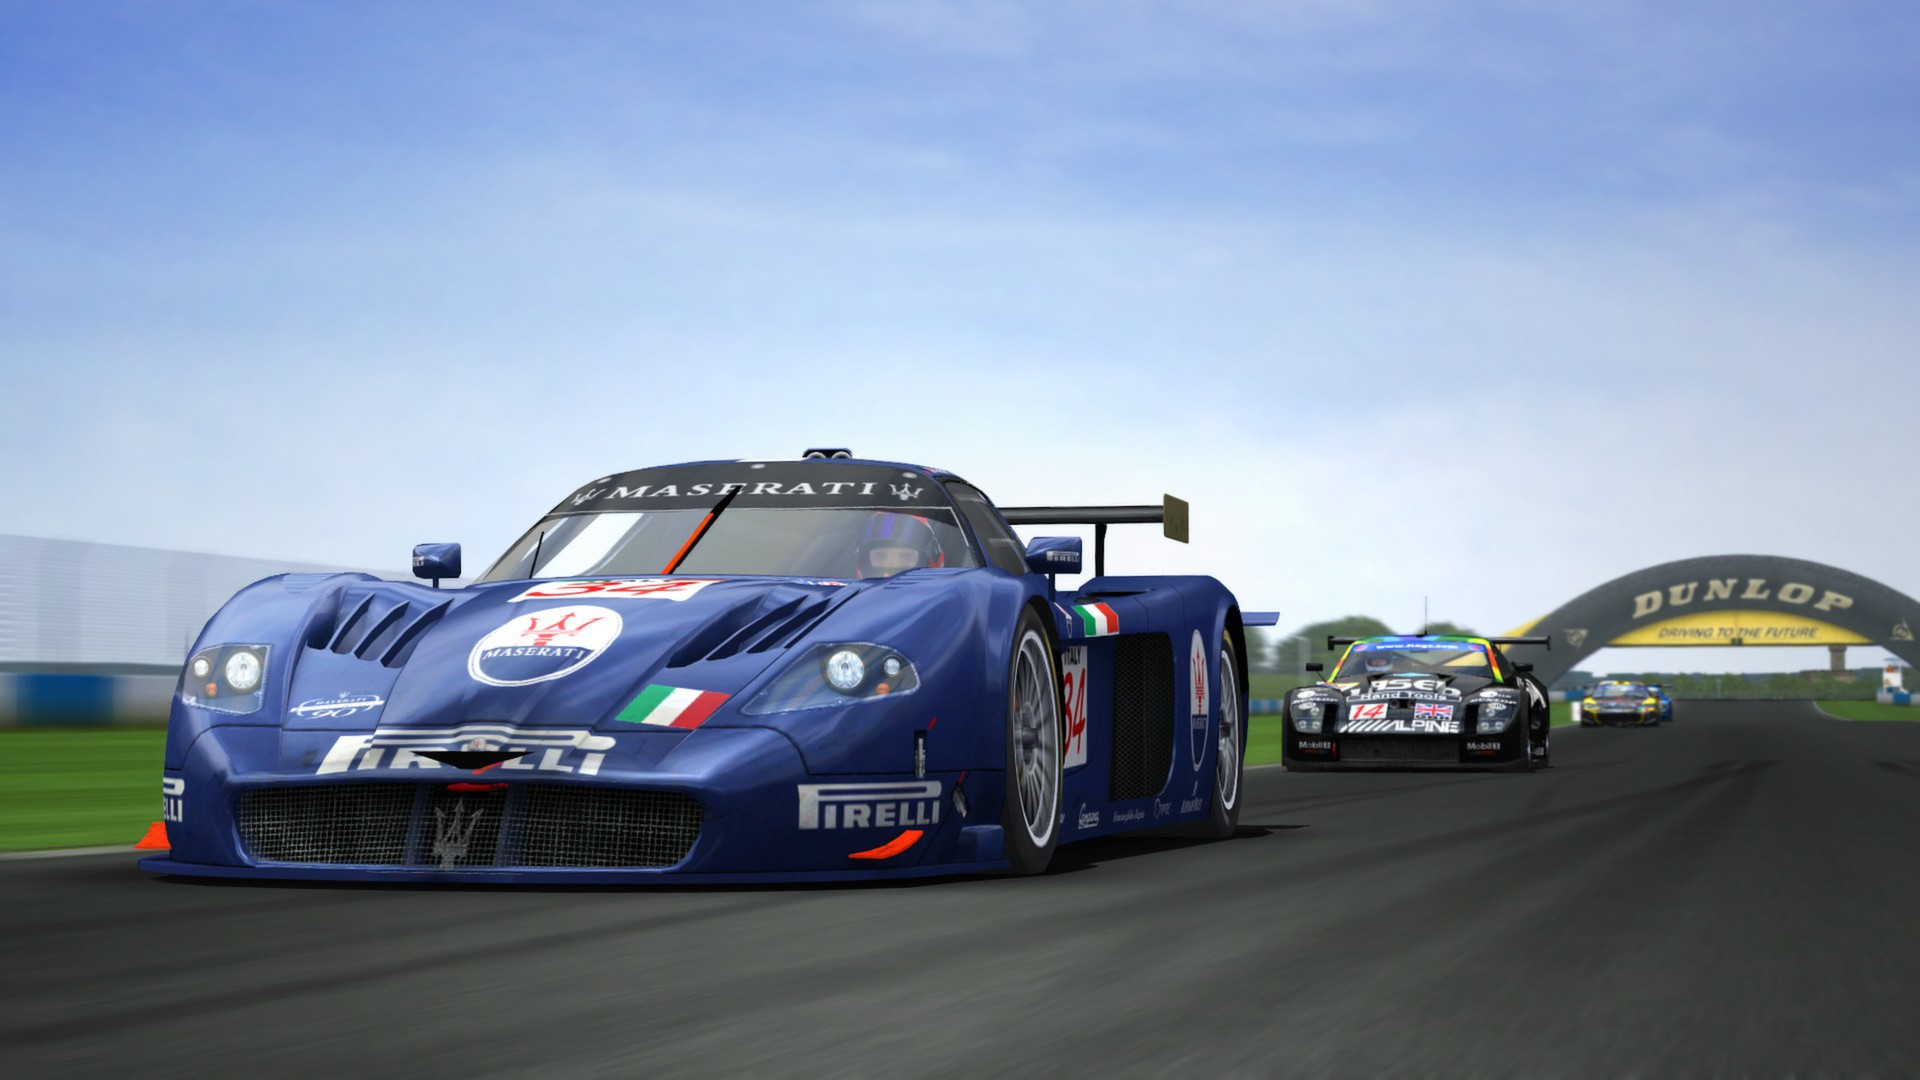 ss_9a245e26294135aed4b28f82c1a3d5384934eecd.1920x1080 Exciting Fanatec Porsche 911 Gt2 Wheel Kaufen Cars Trend